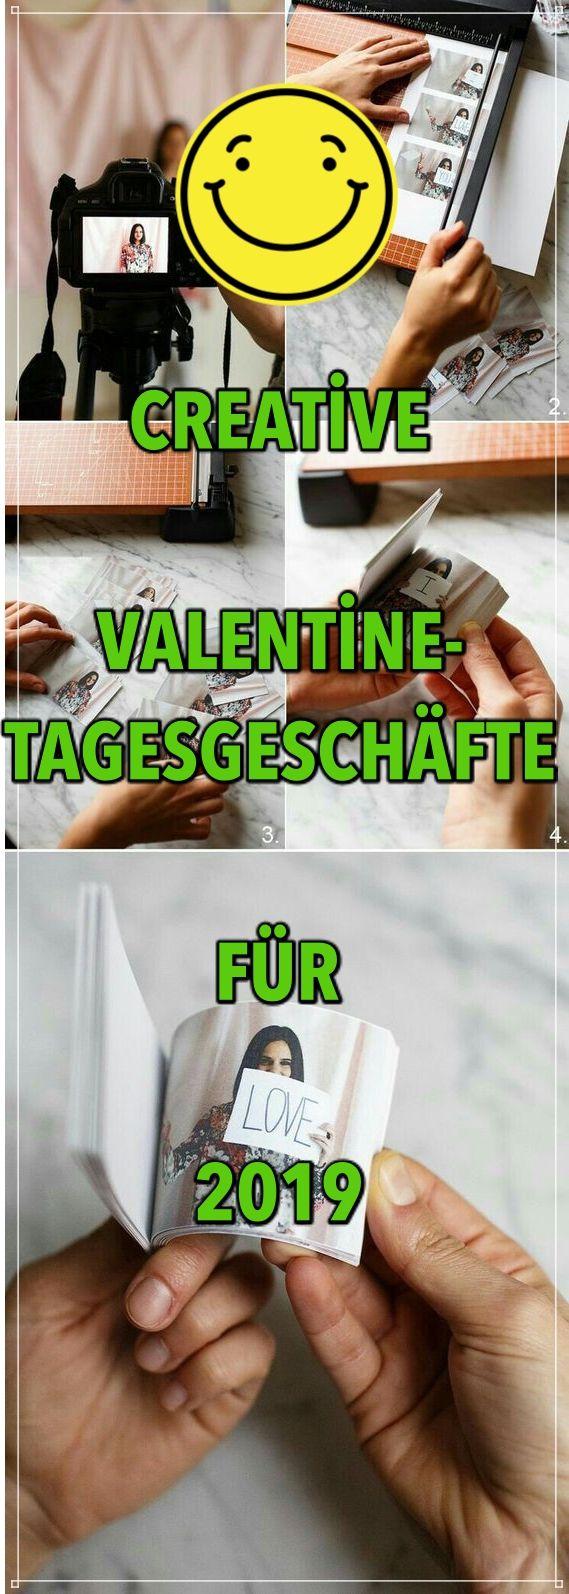 2019 CREATİVE Valentinstag Geschenke Ideen FÜR HİM